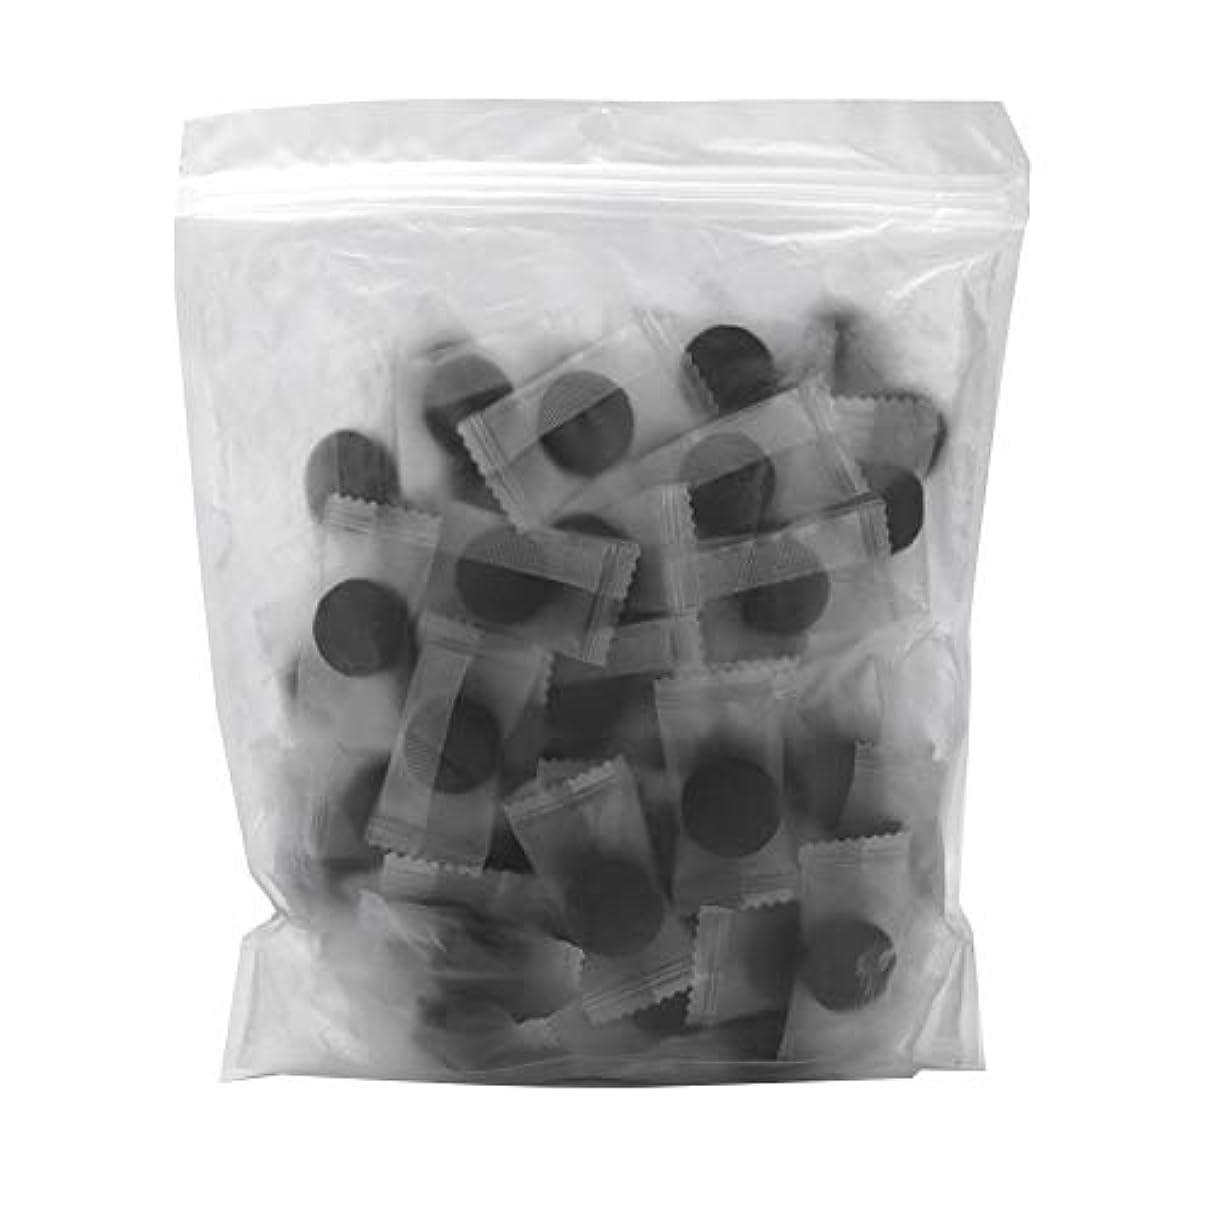 暖かさ物理分数竹炭繊維 100ピース 圧縮フェースマスク 紙DIY スキンケア diy フェイシャルマスク